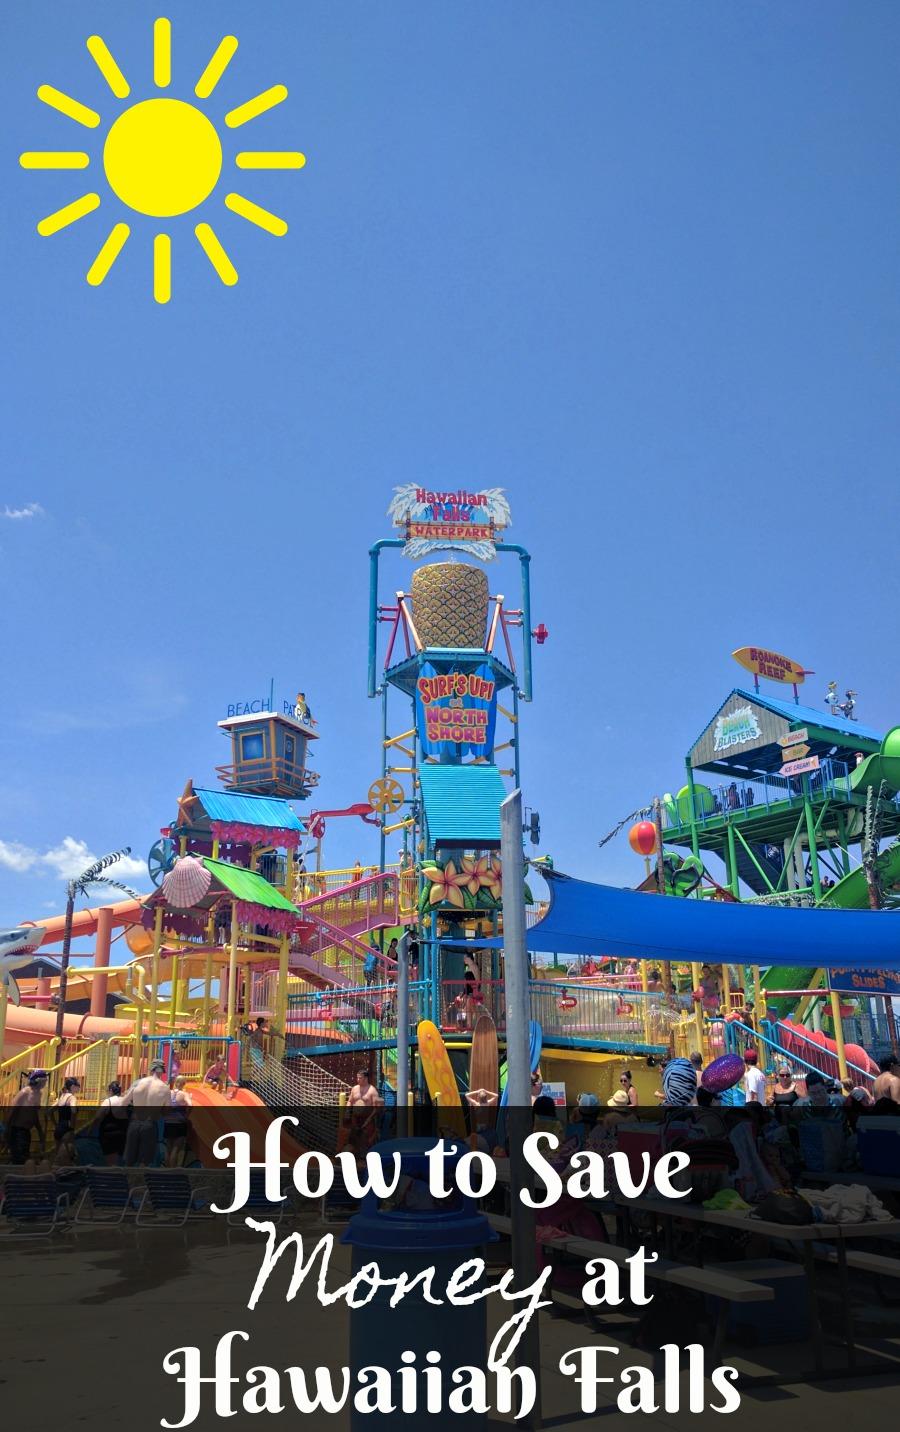 How to Save Money at Hawaiian Falls